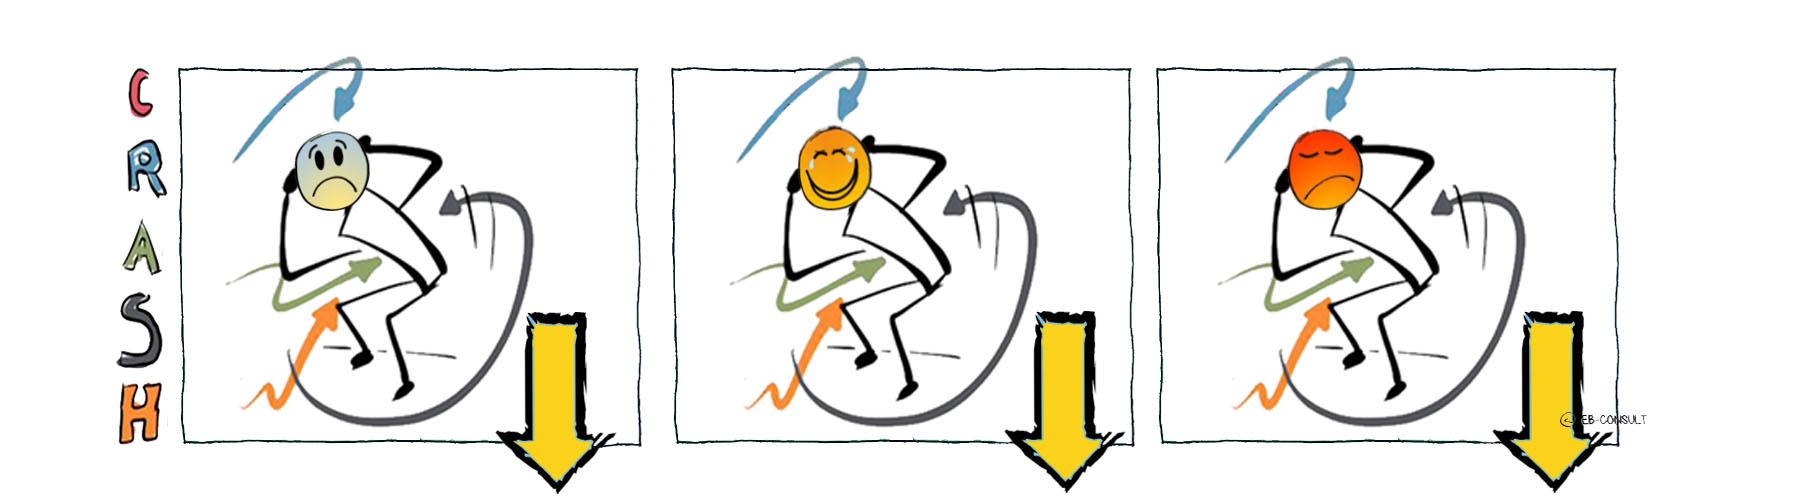 dynamique-des-equipes-2-crash